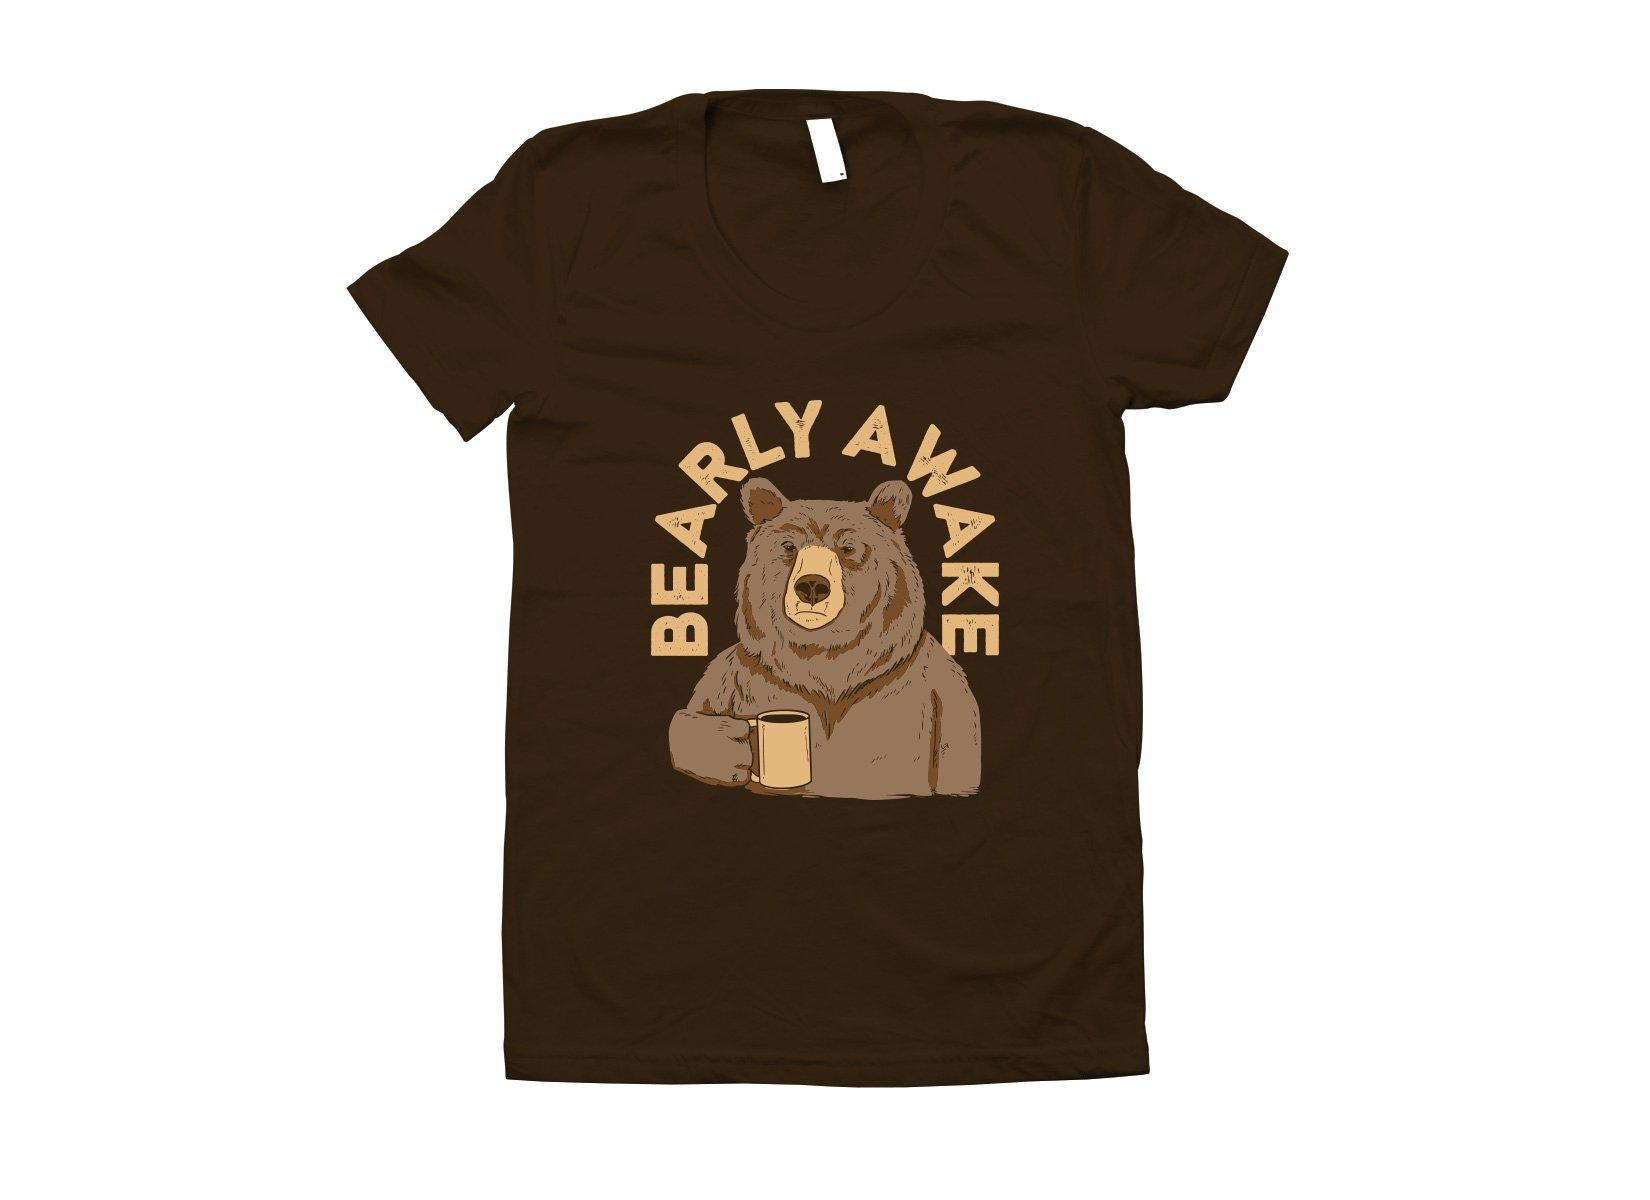 Bearly Awake on Juniors T-Shirt